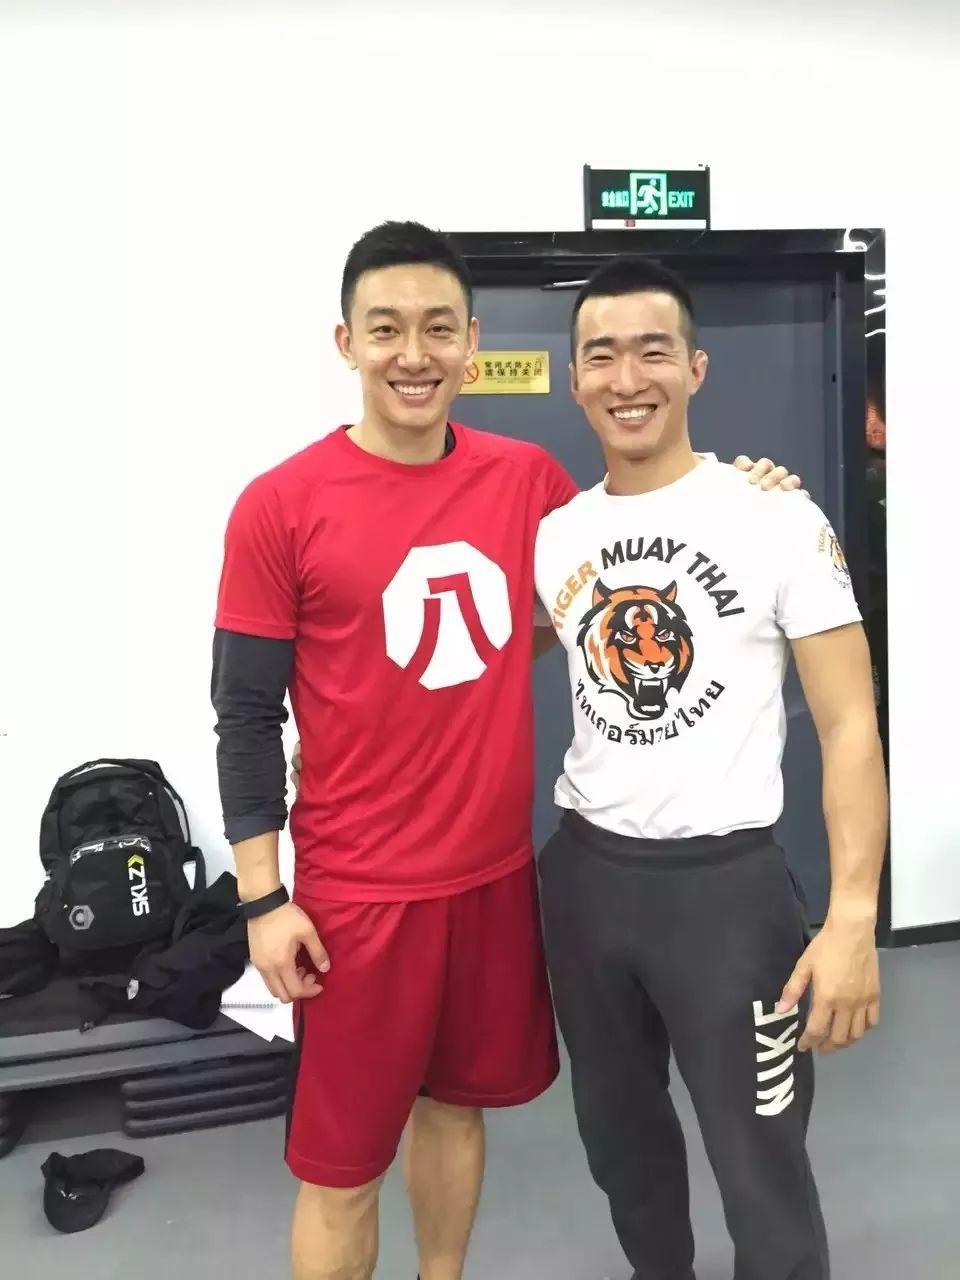 人物 | 他花了十年,从一线教练成为健身圈明星品牌创始人